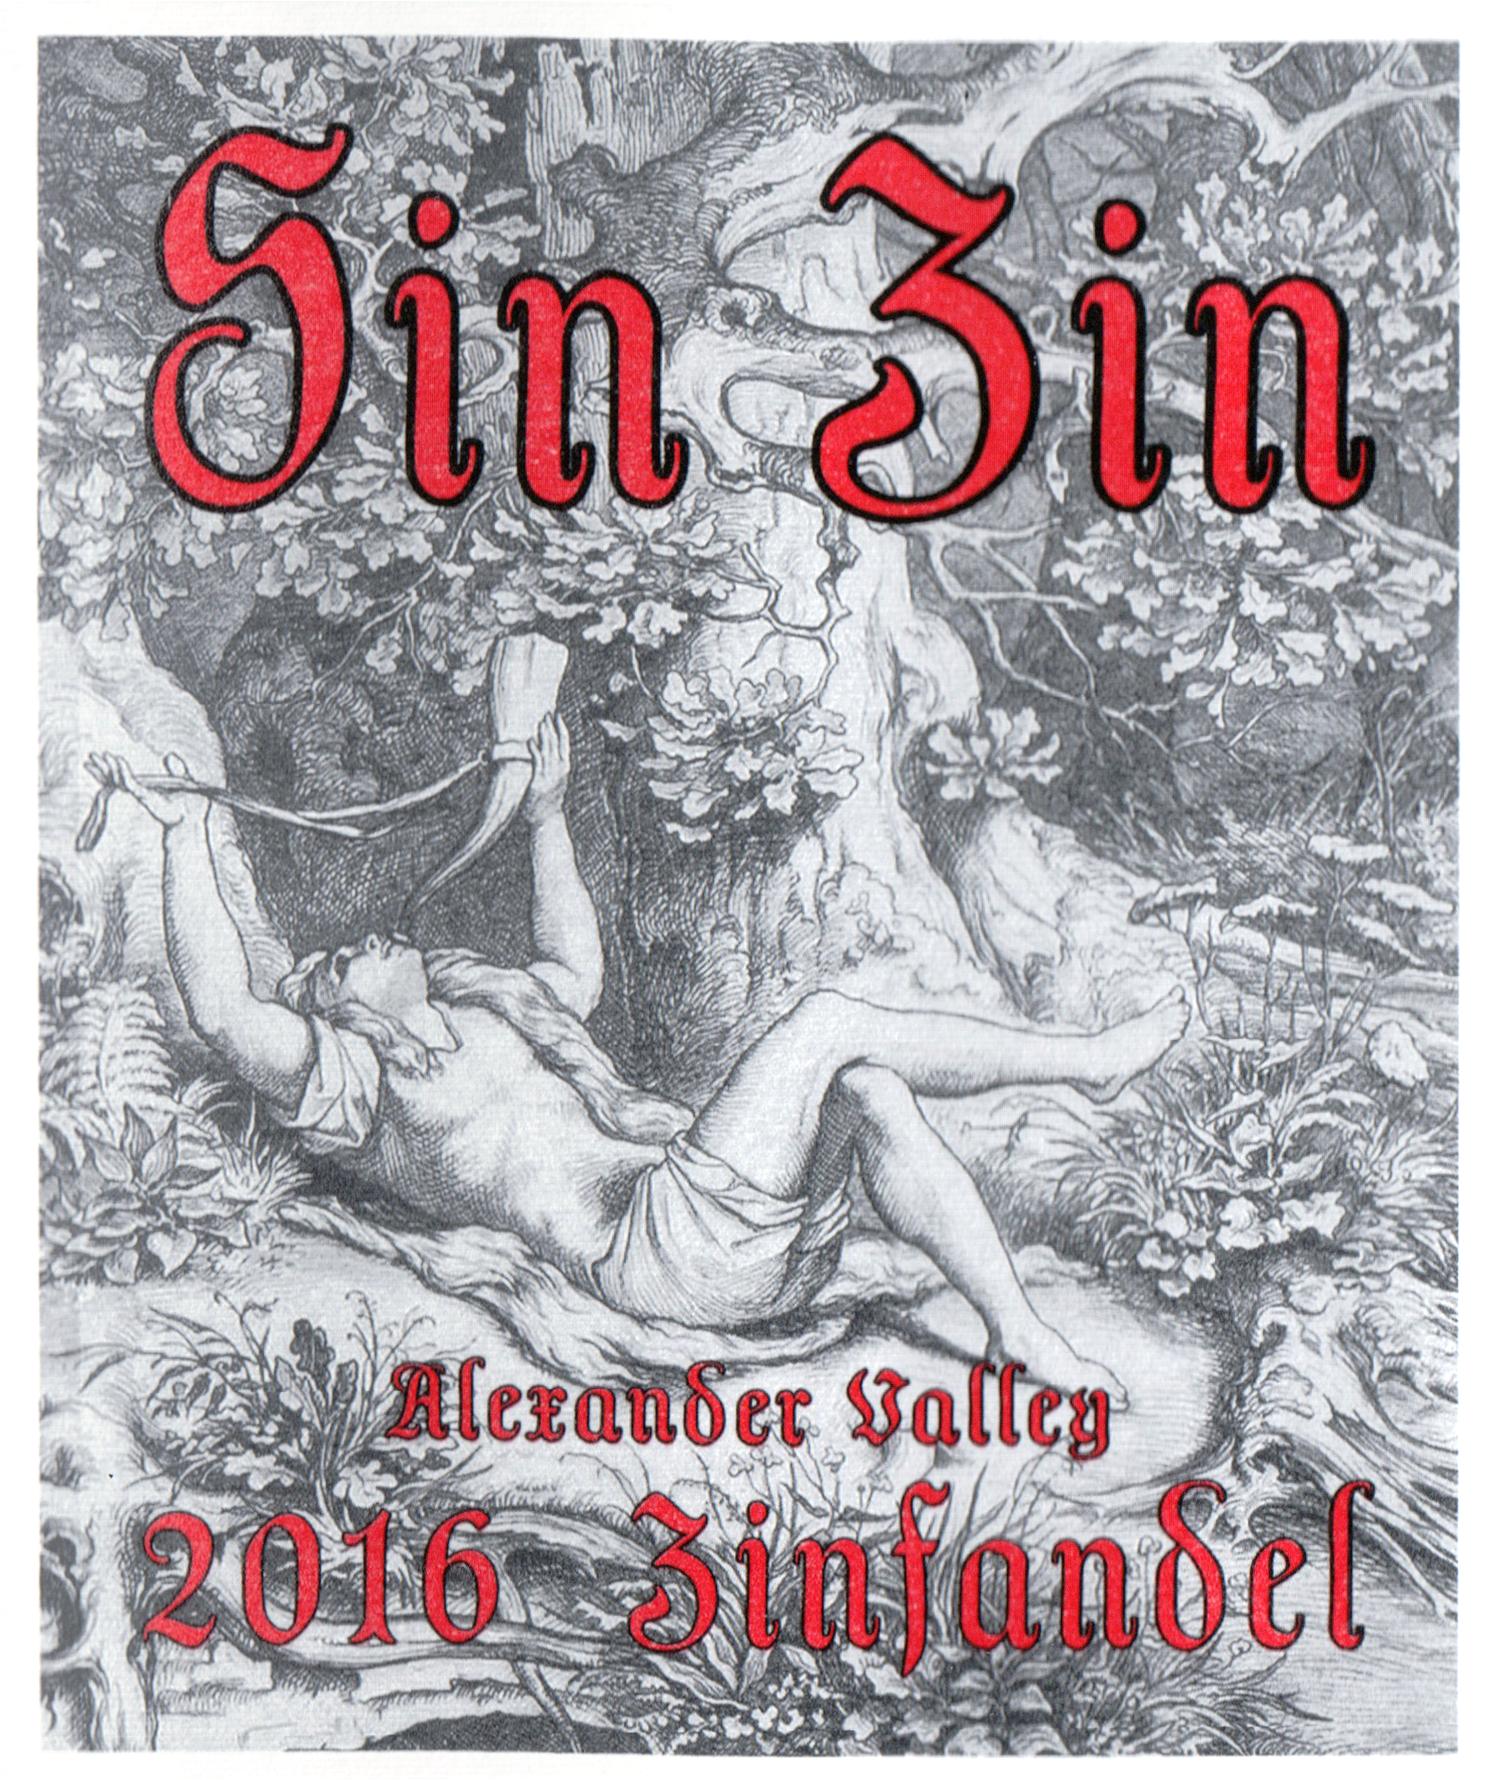 Alexander Valley Sin Zin 2016